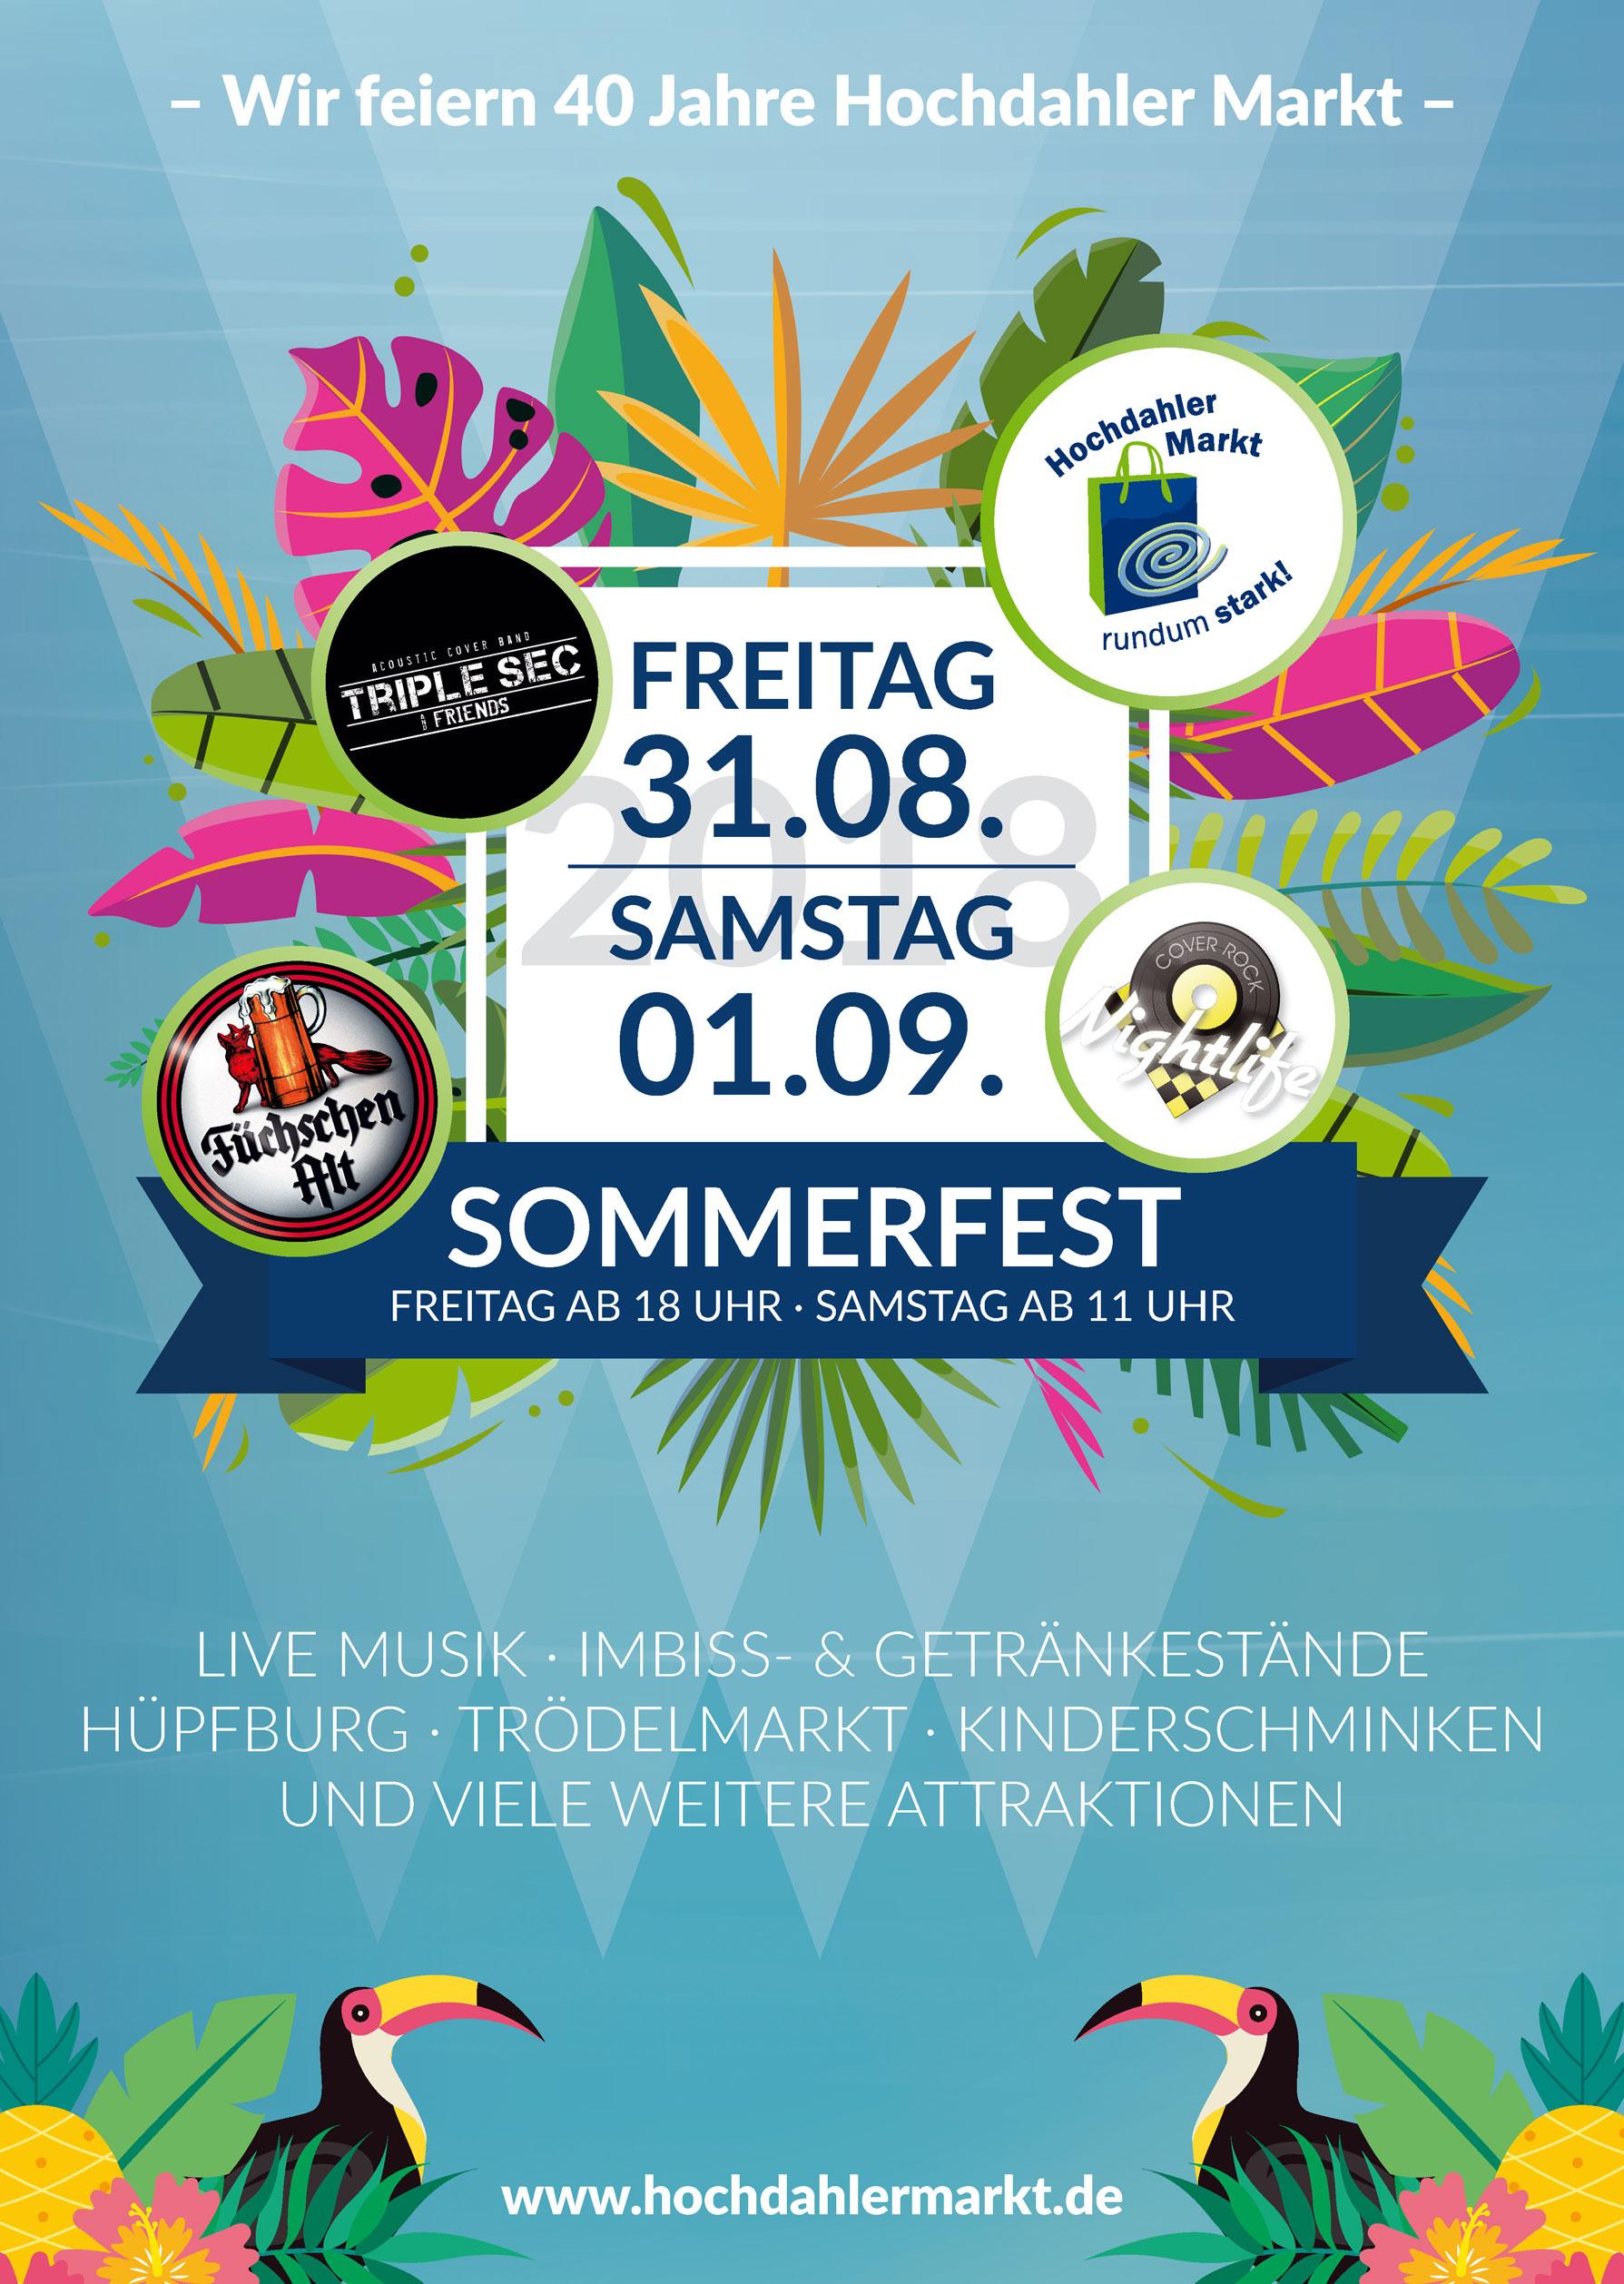 Hochdahler Markt Sommerfest 2018